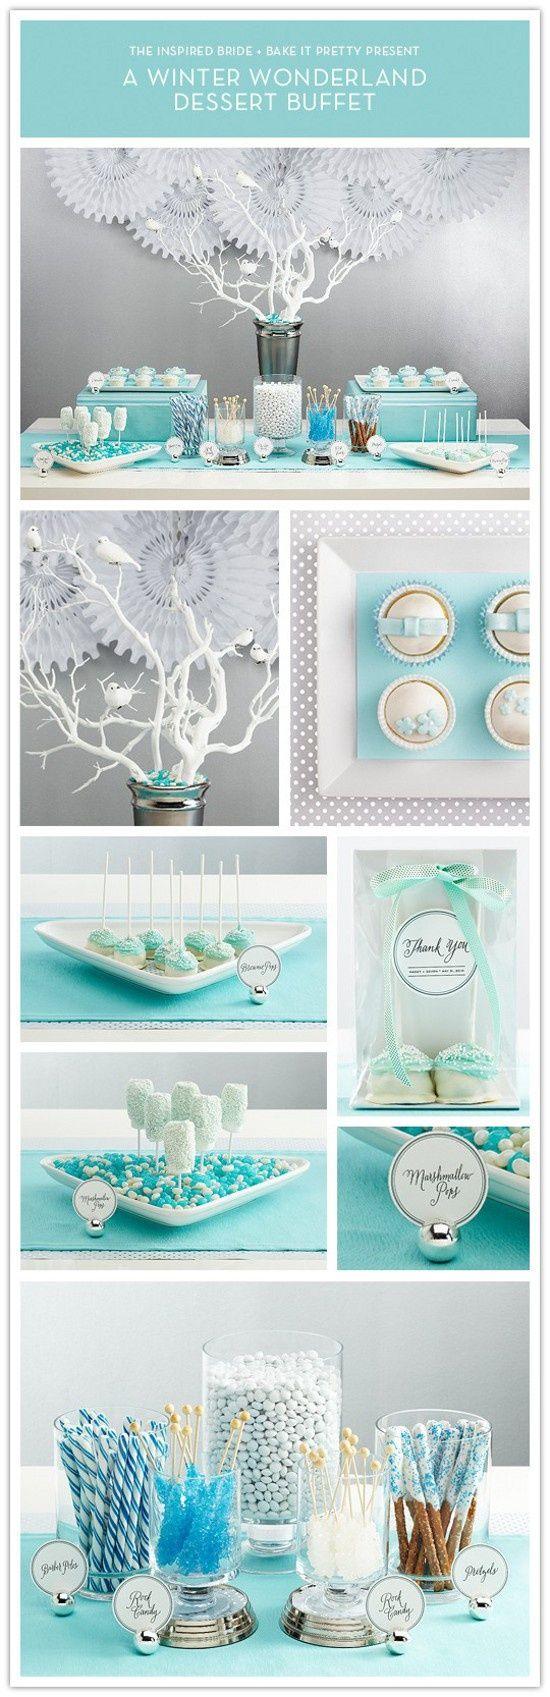 Engagement decoration. Decoração de casamento. #engagement #noivado #decoraçãonoivado #engagementdecoration www.casamentoduca.com.br/blog